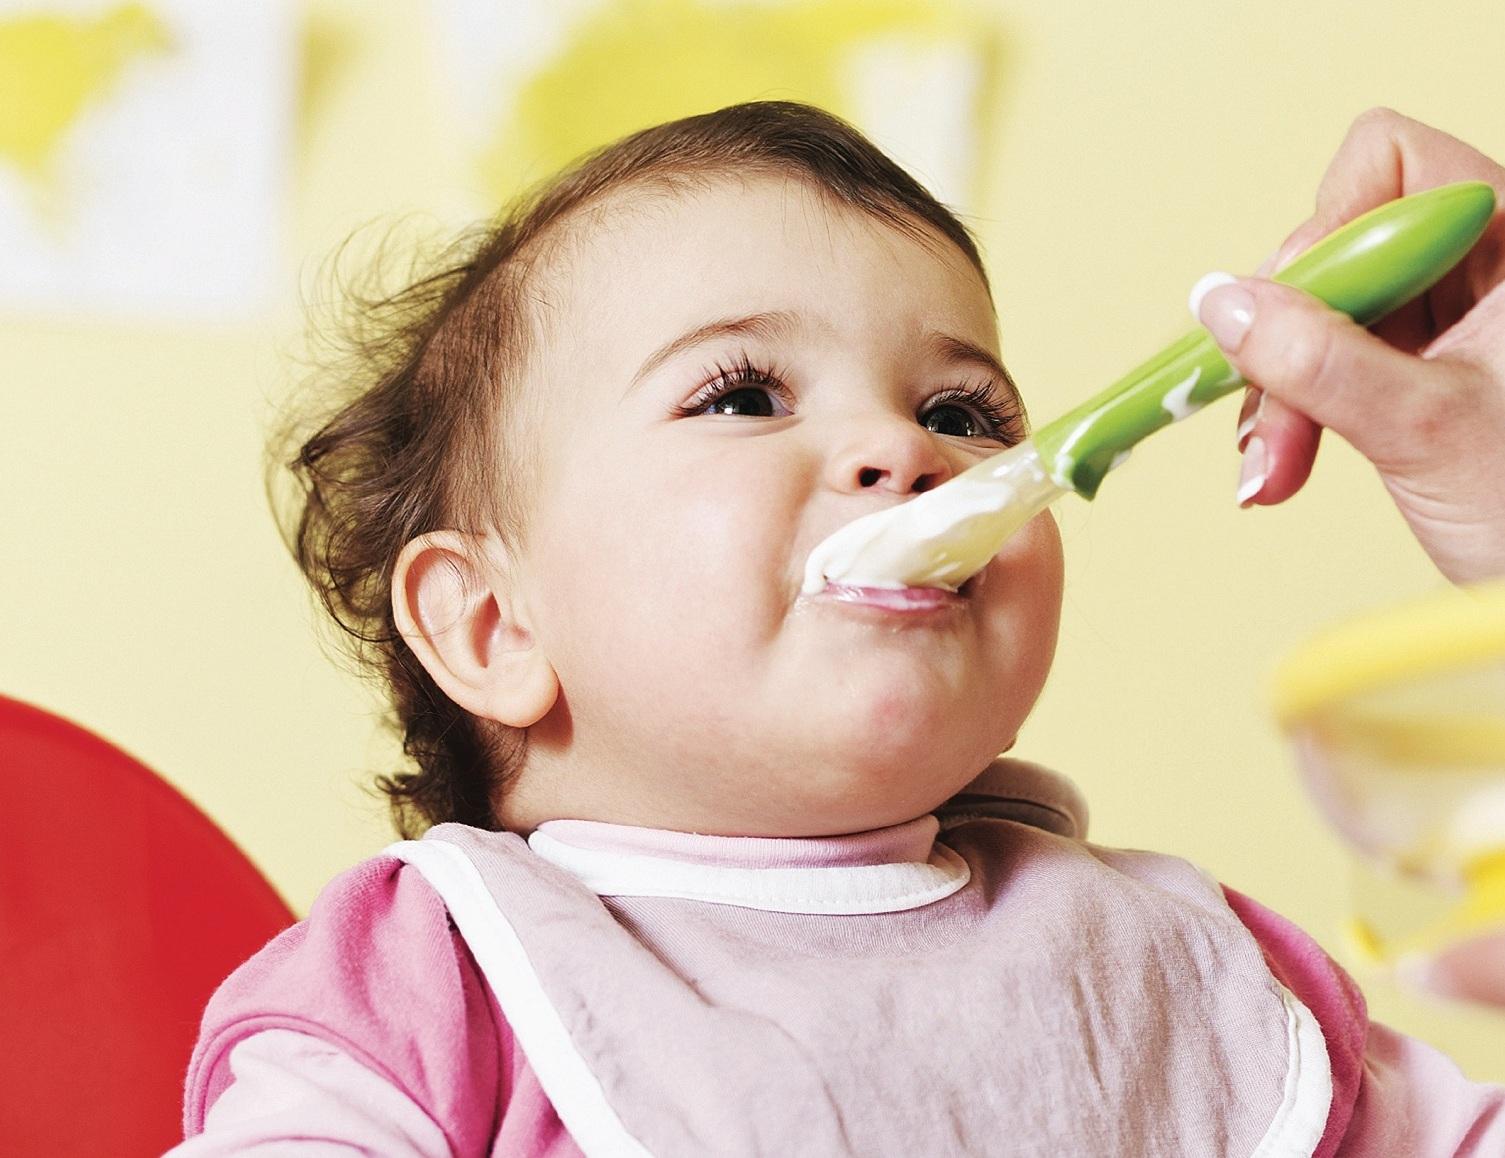 пища для грудного ребенка